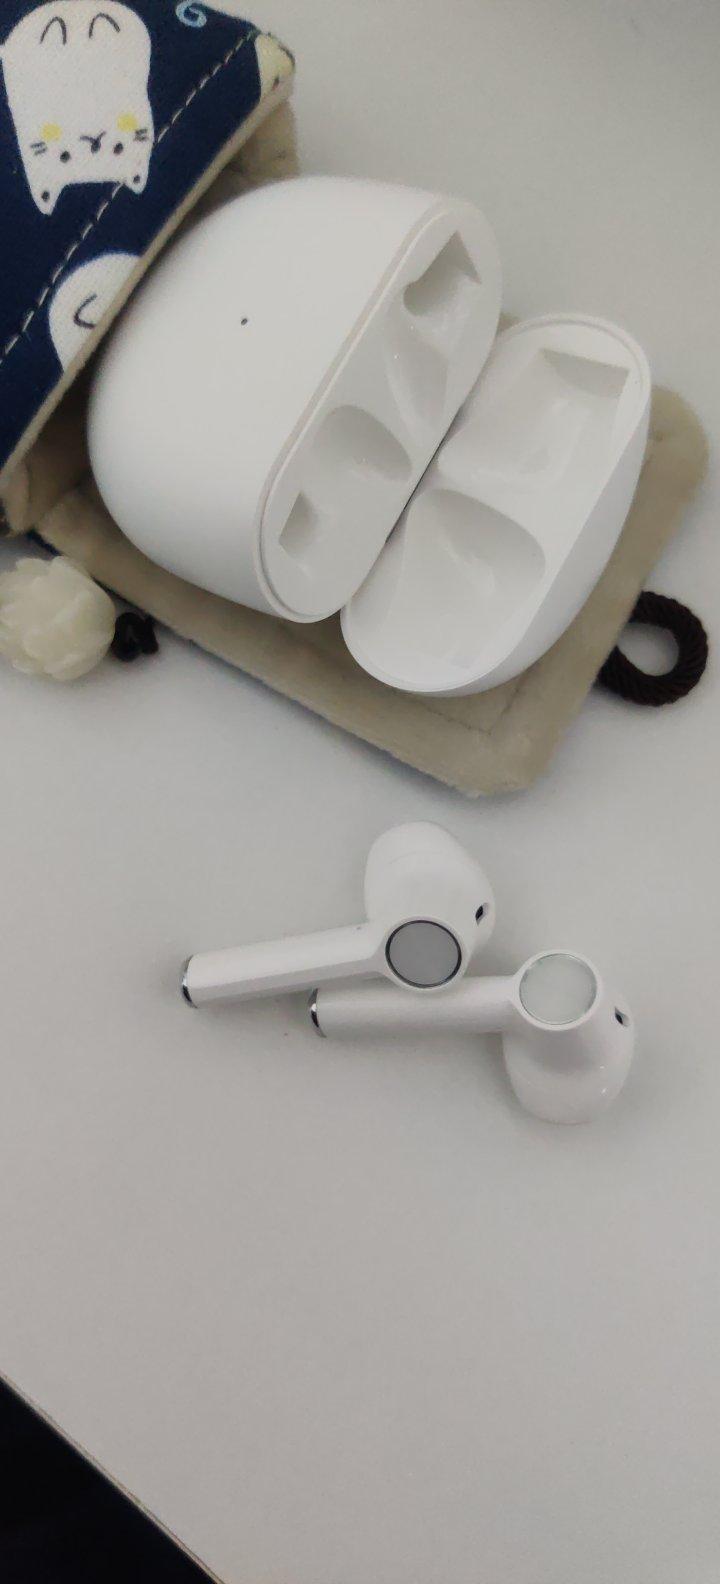 一加手机无线蓝牙耳机,带来30小时的续航时间